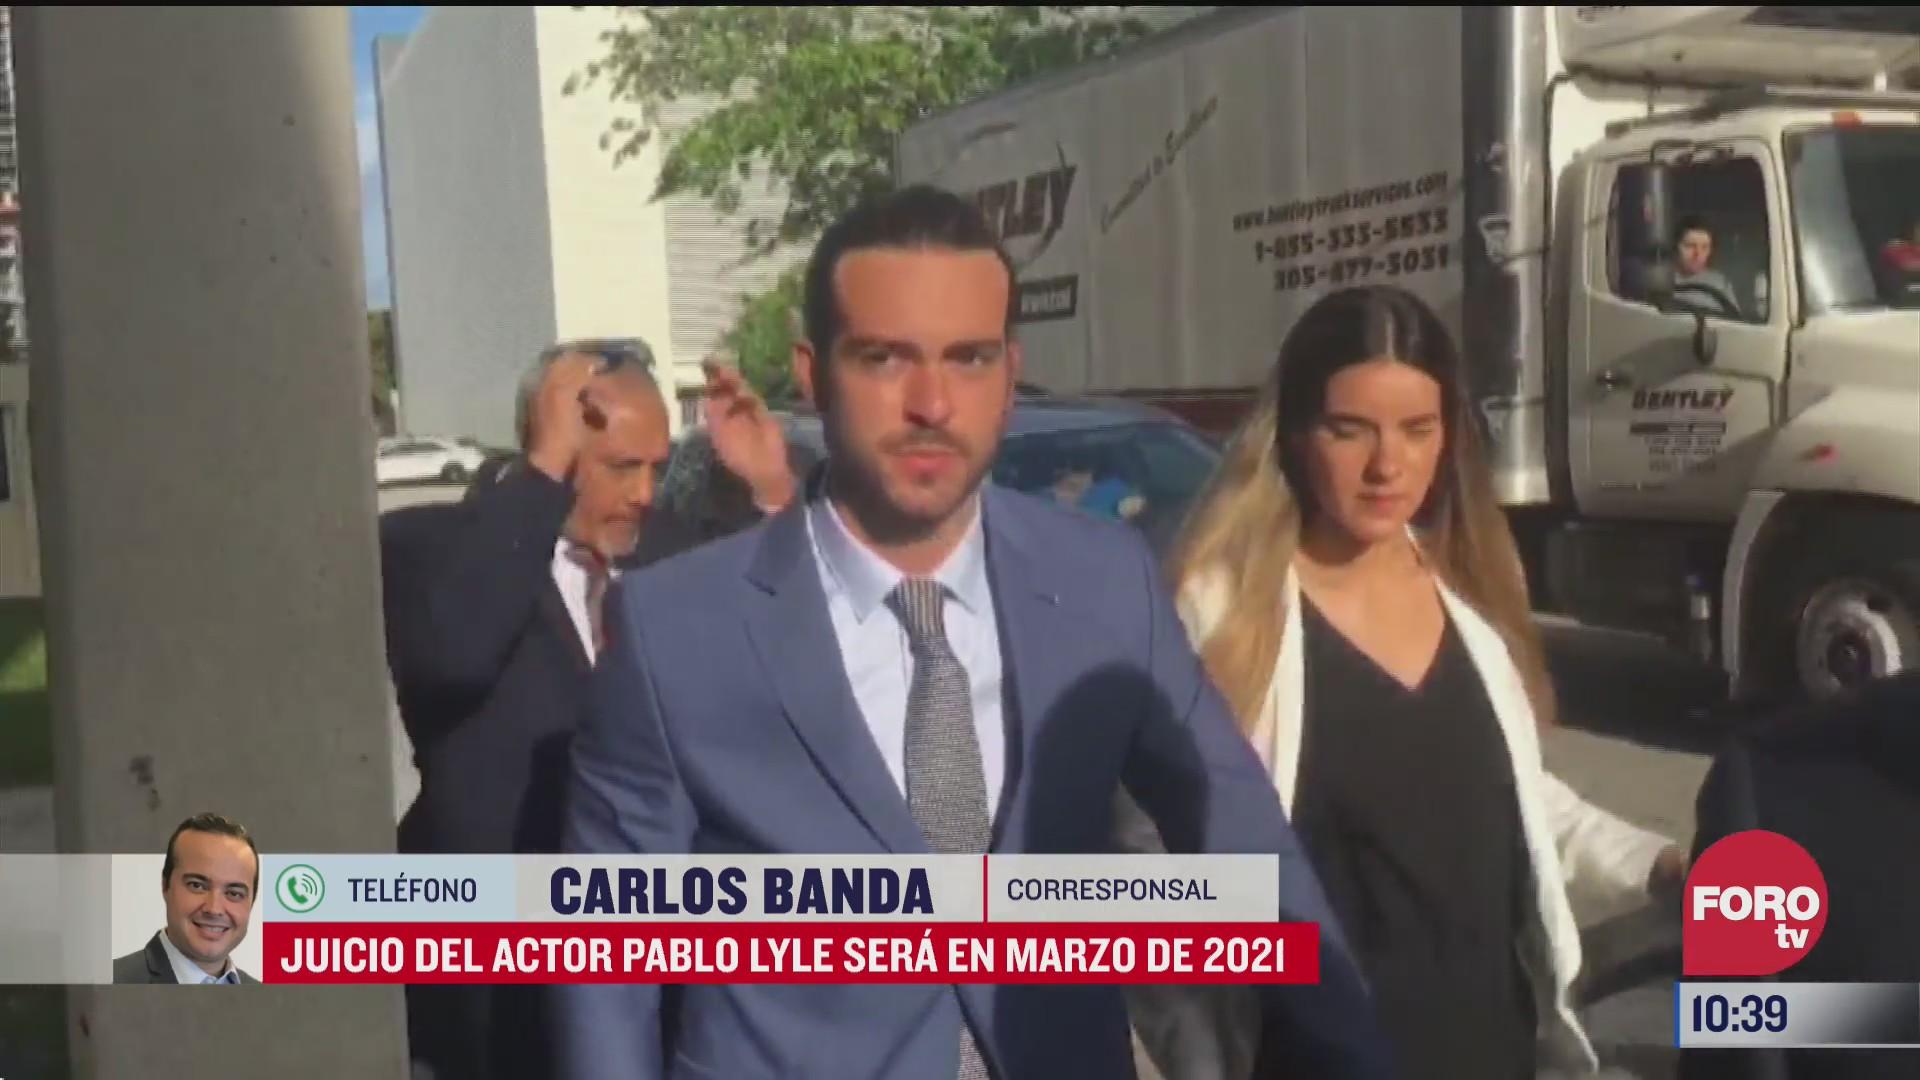 juicio del actor pablo lyle sera en marzo de